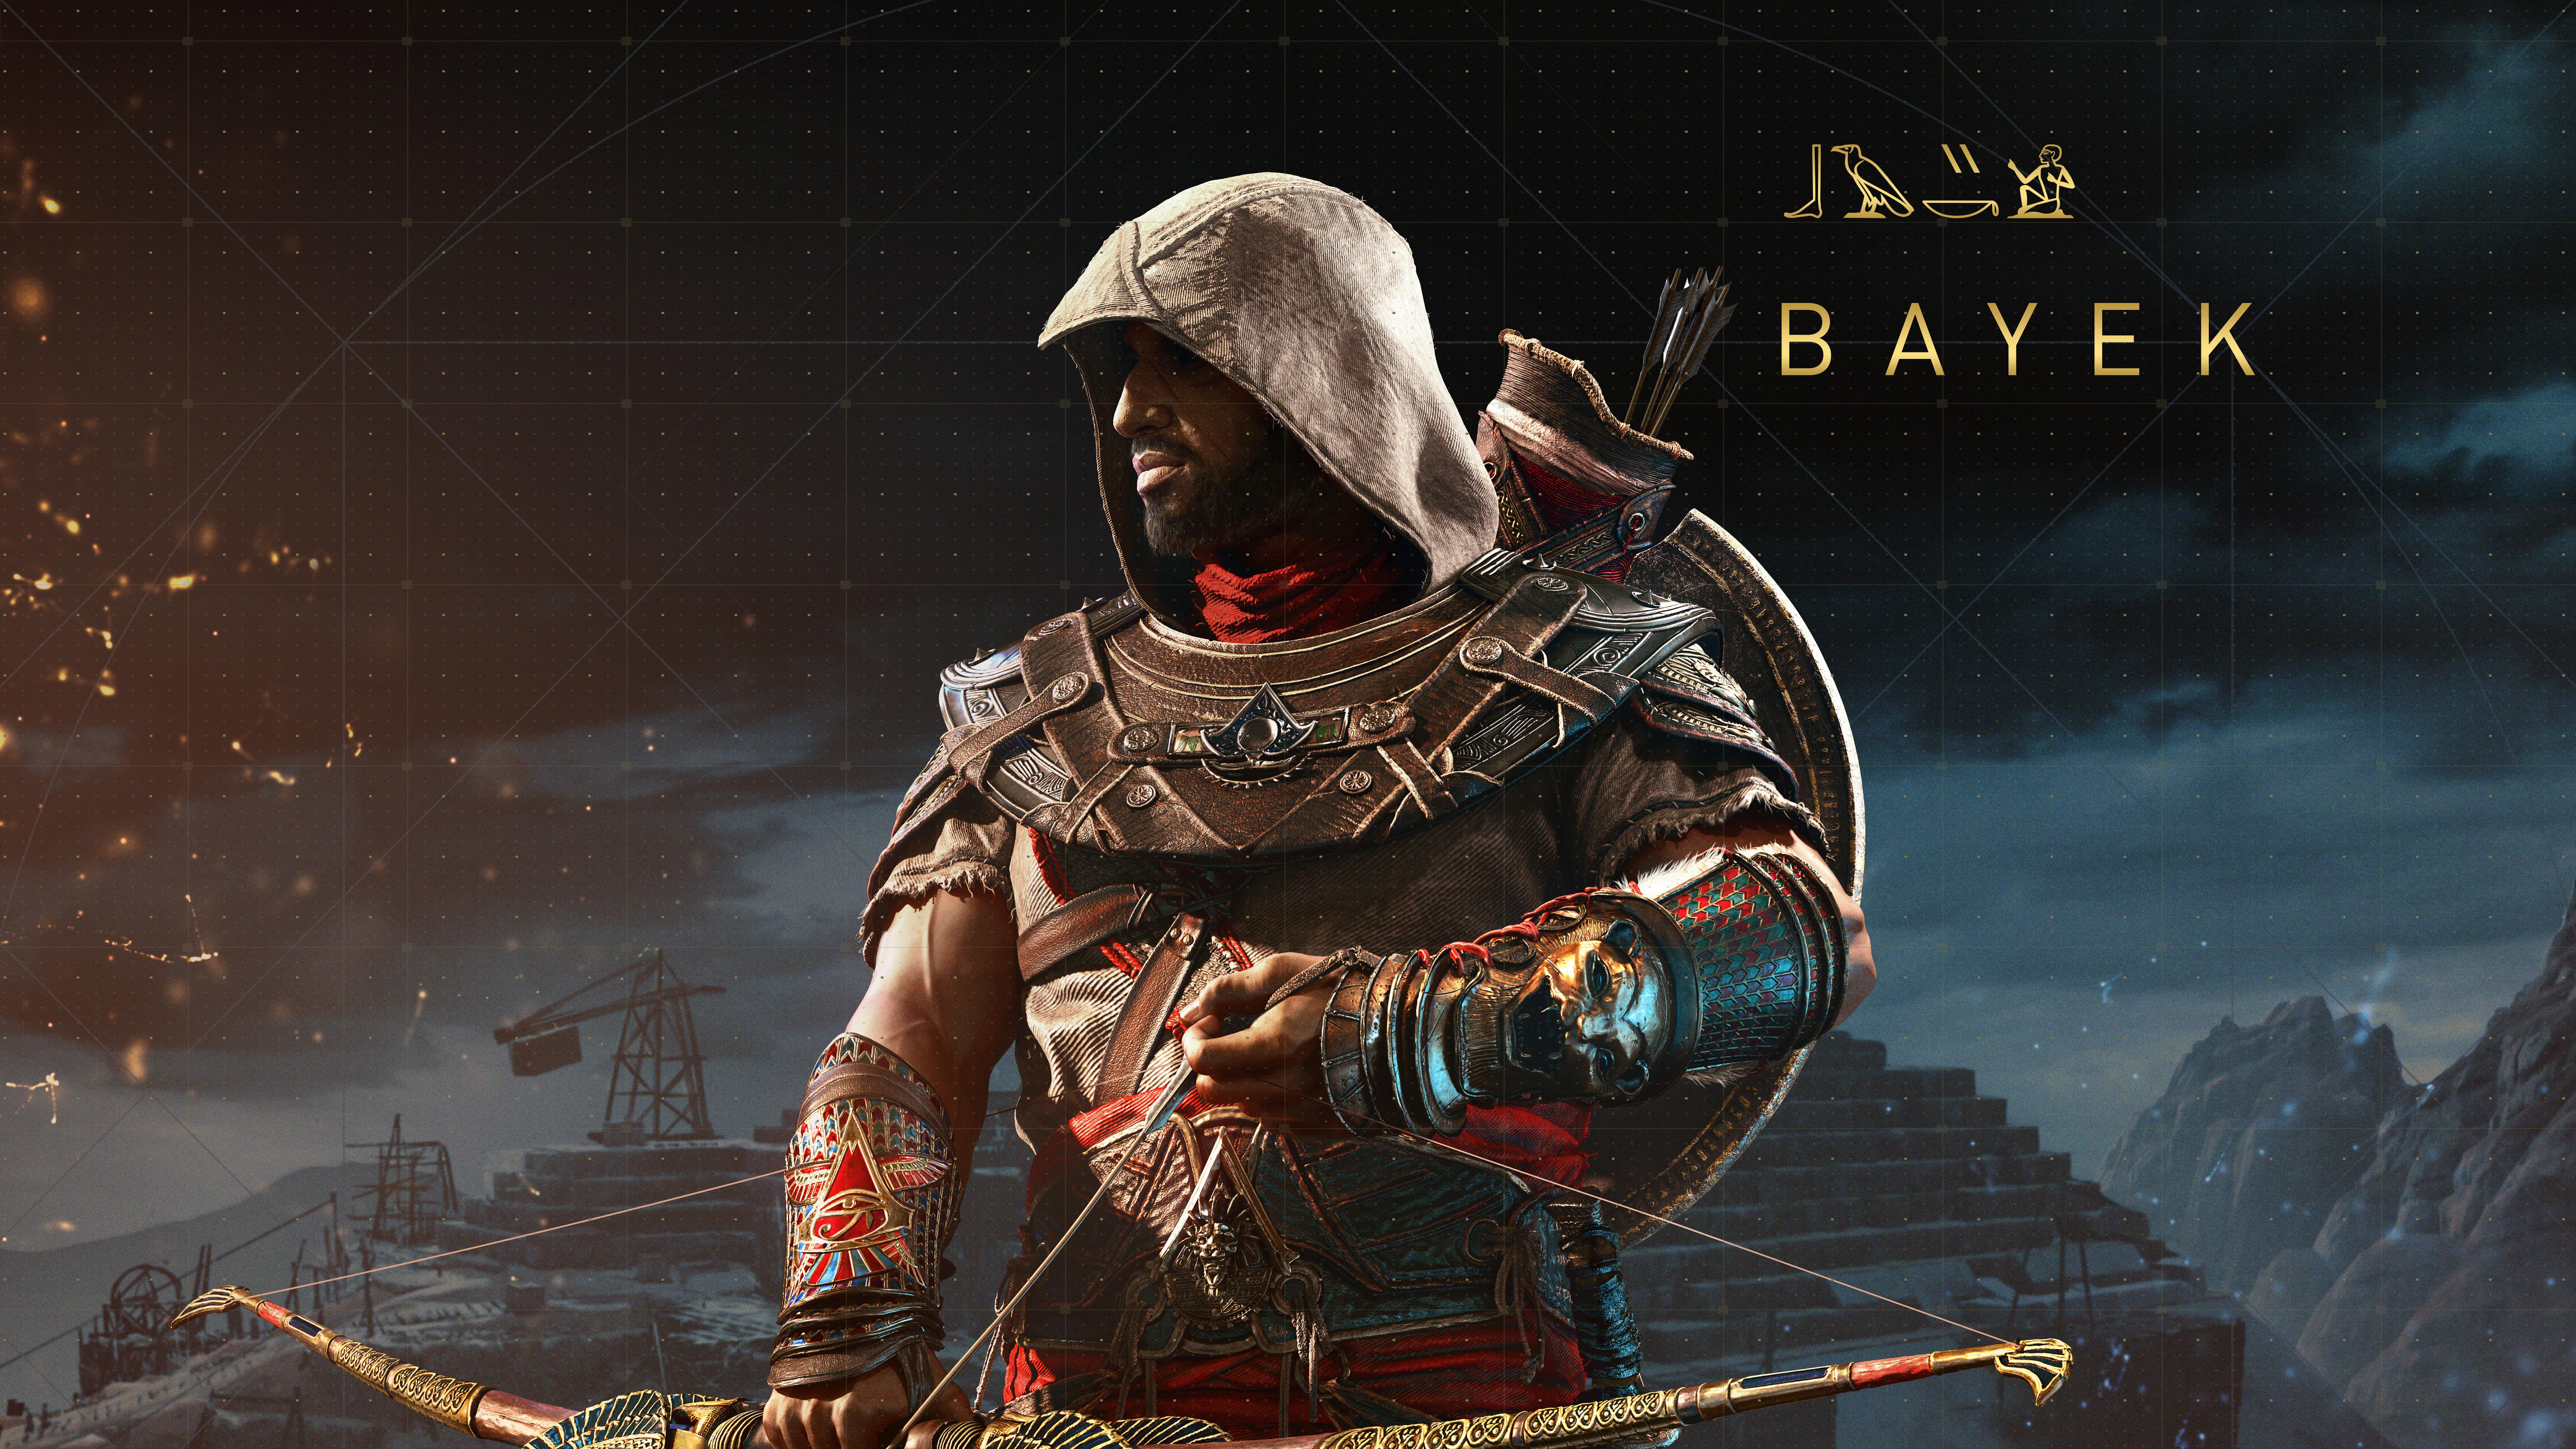 7680x4320 bayek assassins creed origins 8k 8k hd 4k wallpapers